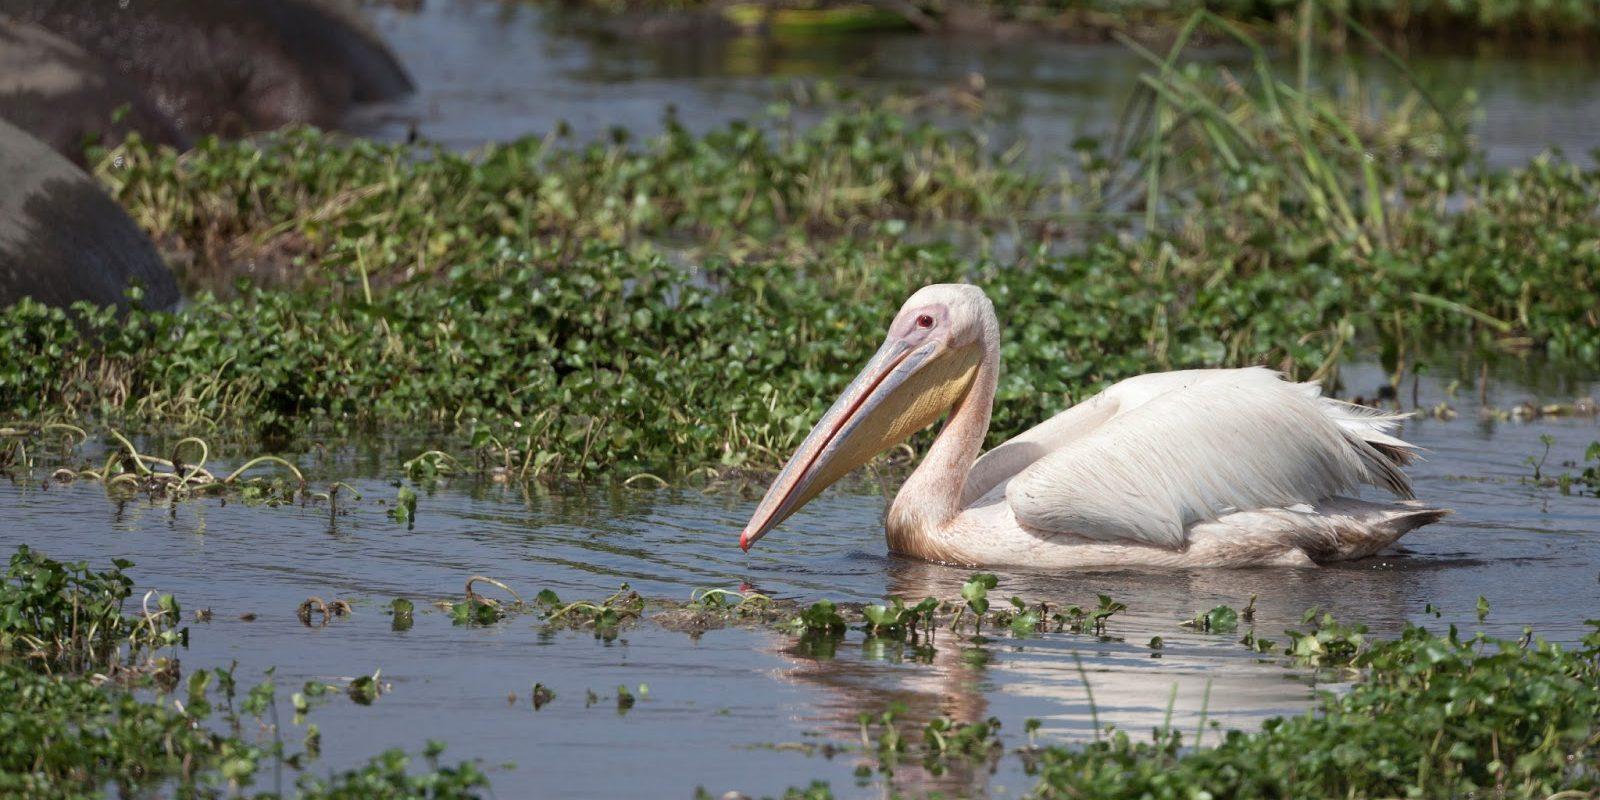 White Pelican Alone